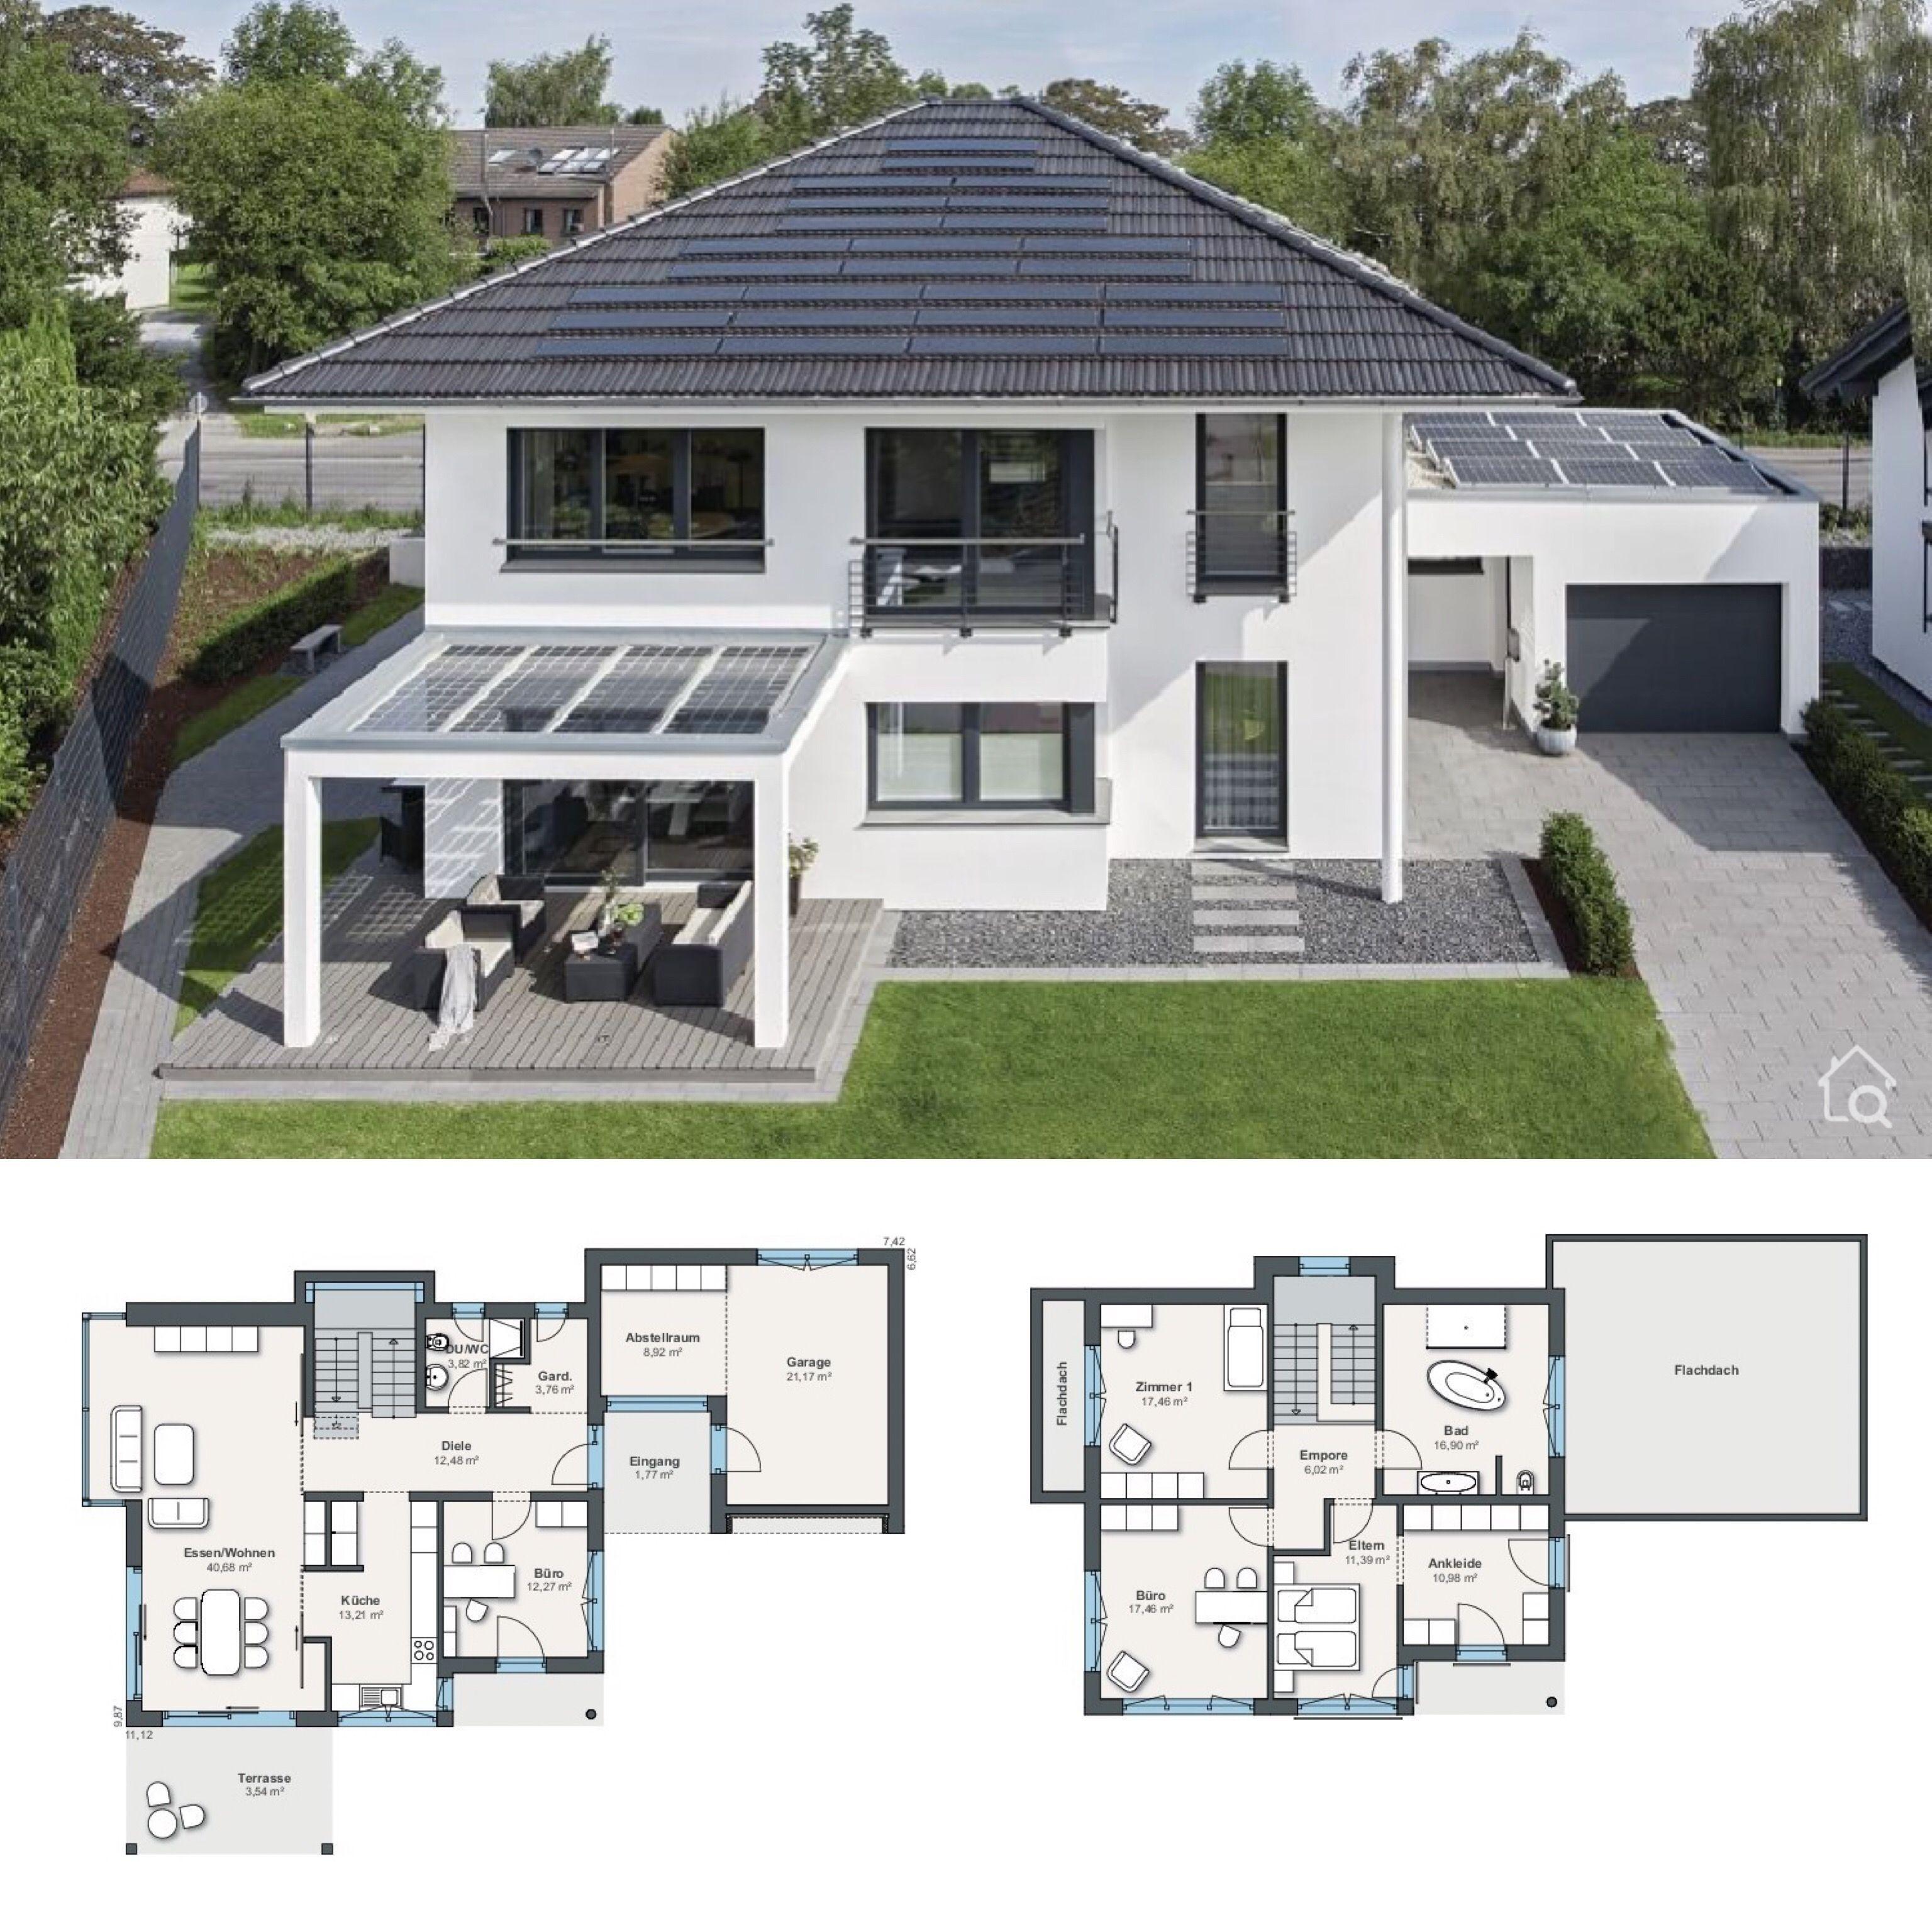 Neubau Stadtvilla modern mit Garage & Walmdach Architektur